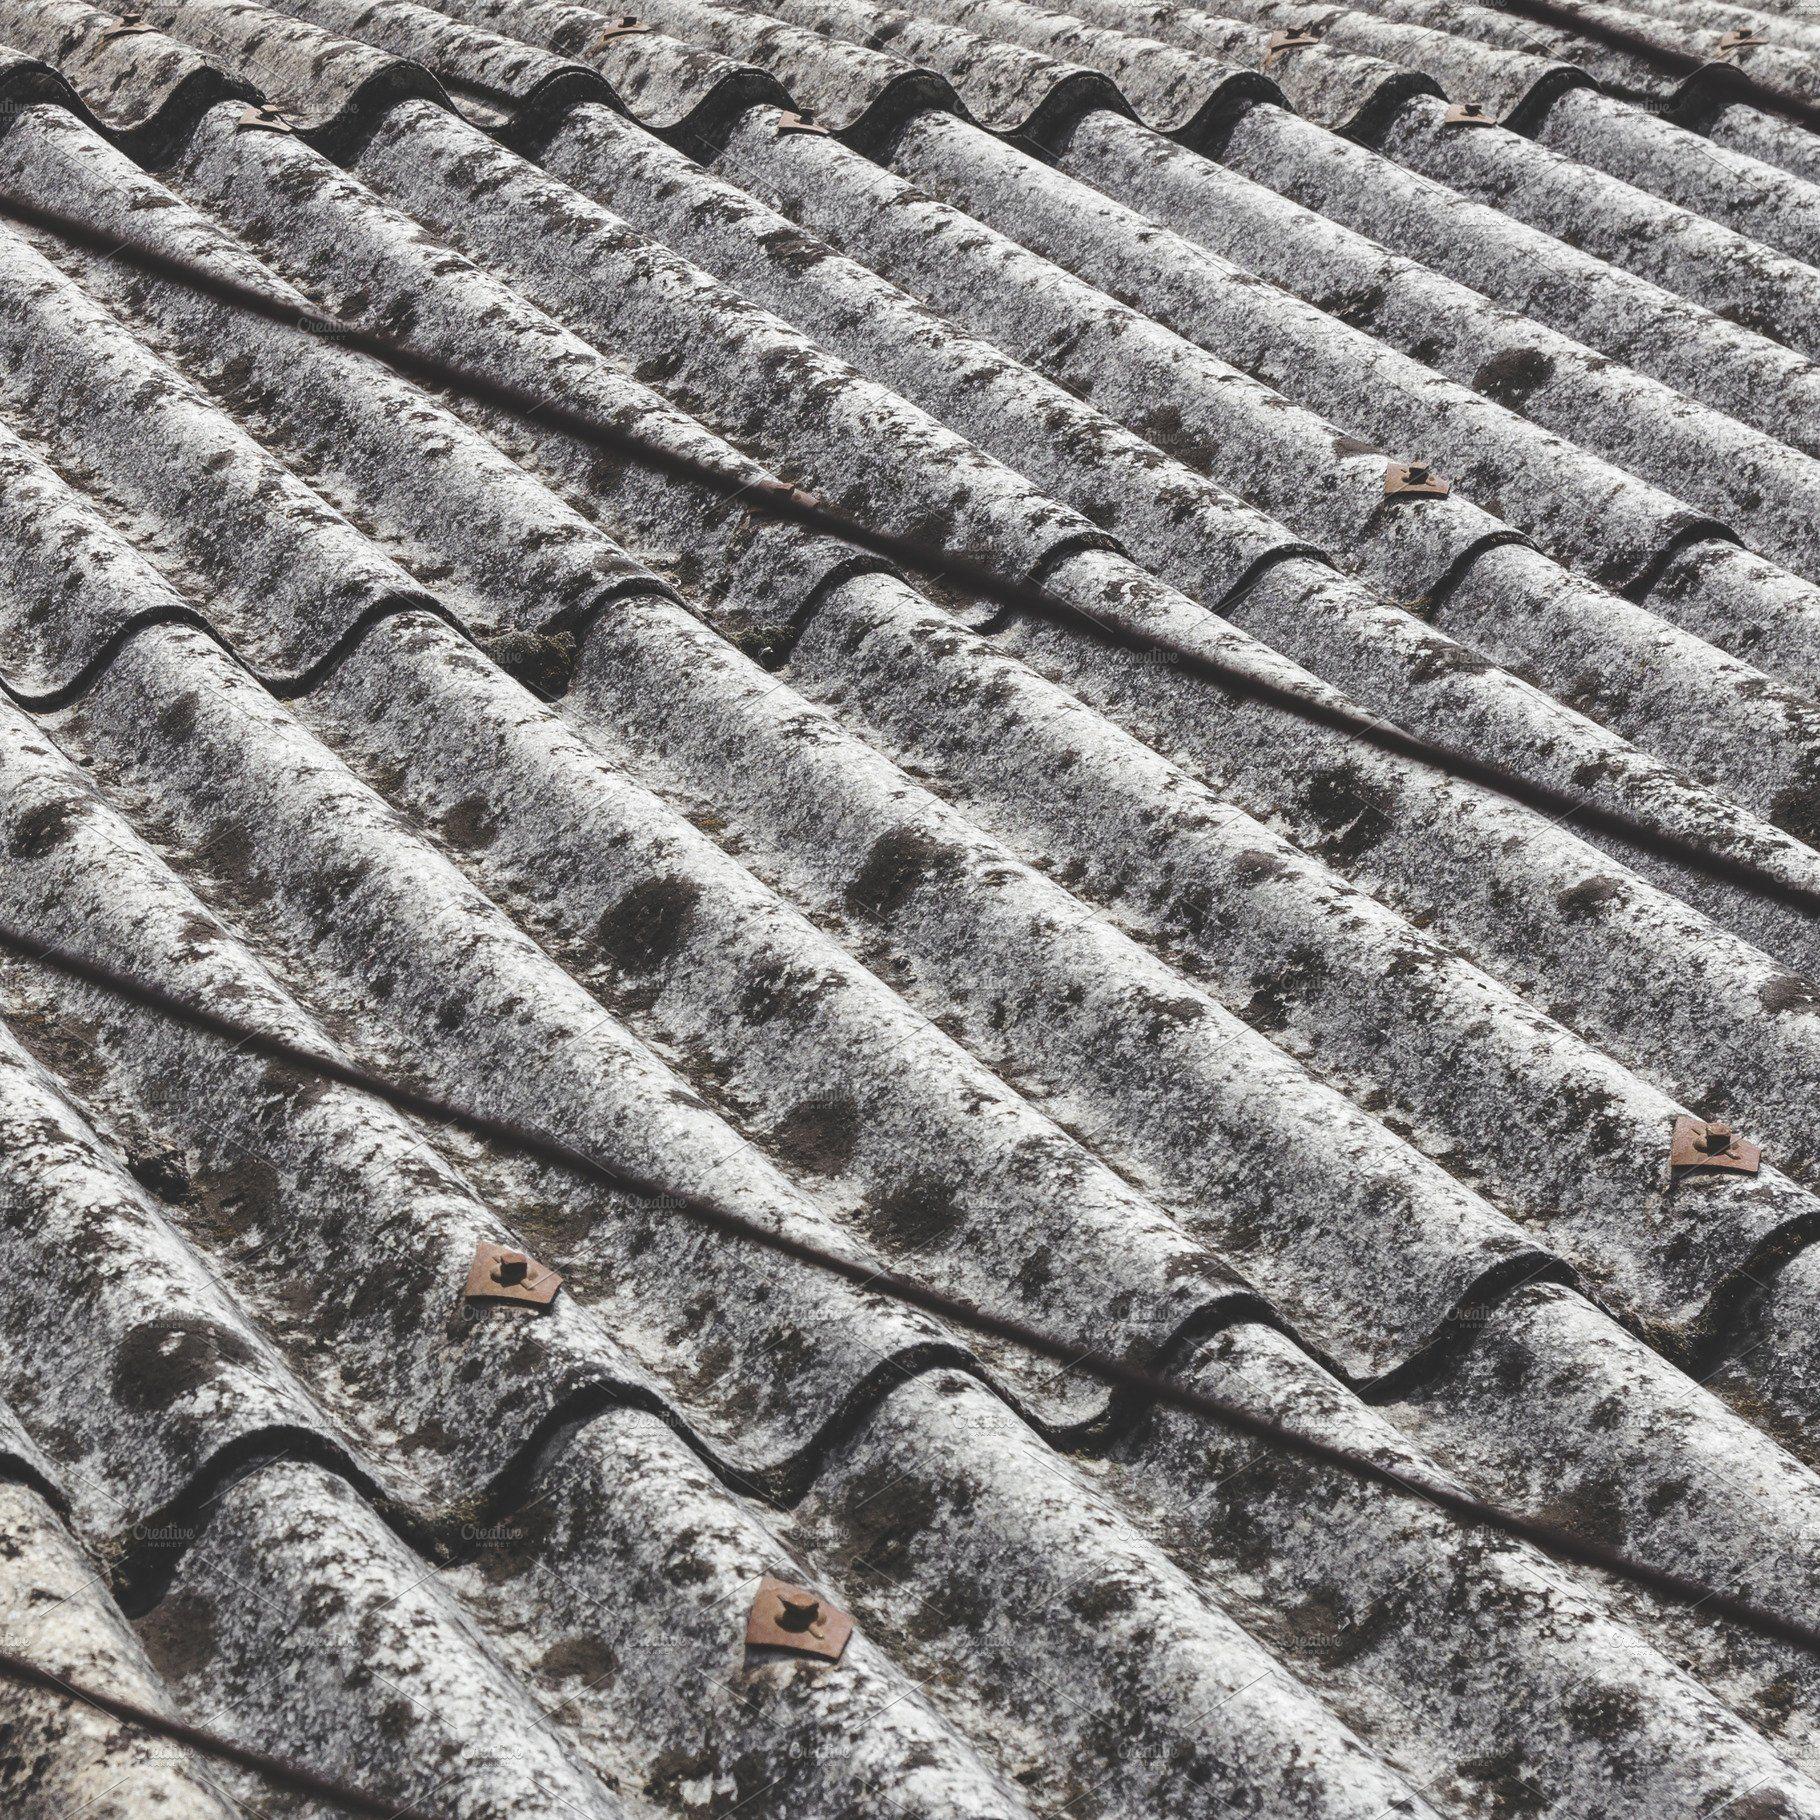 25+ Asbestos roof